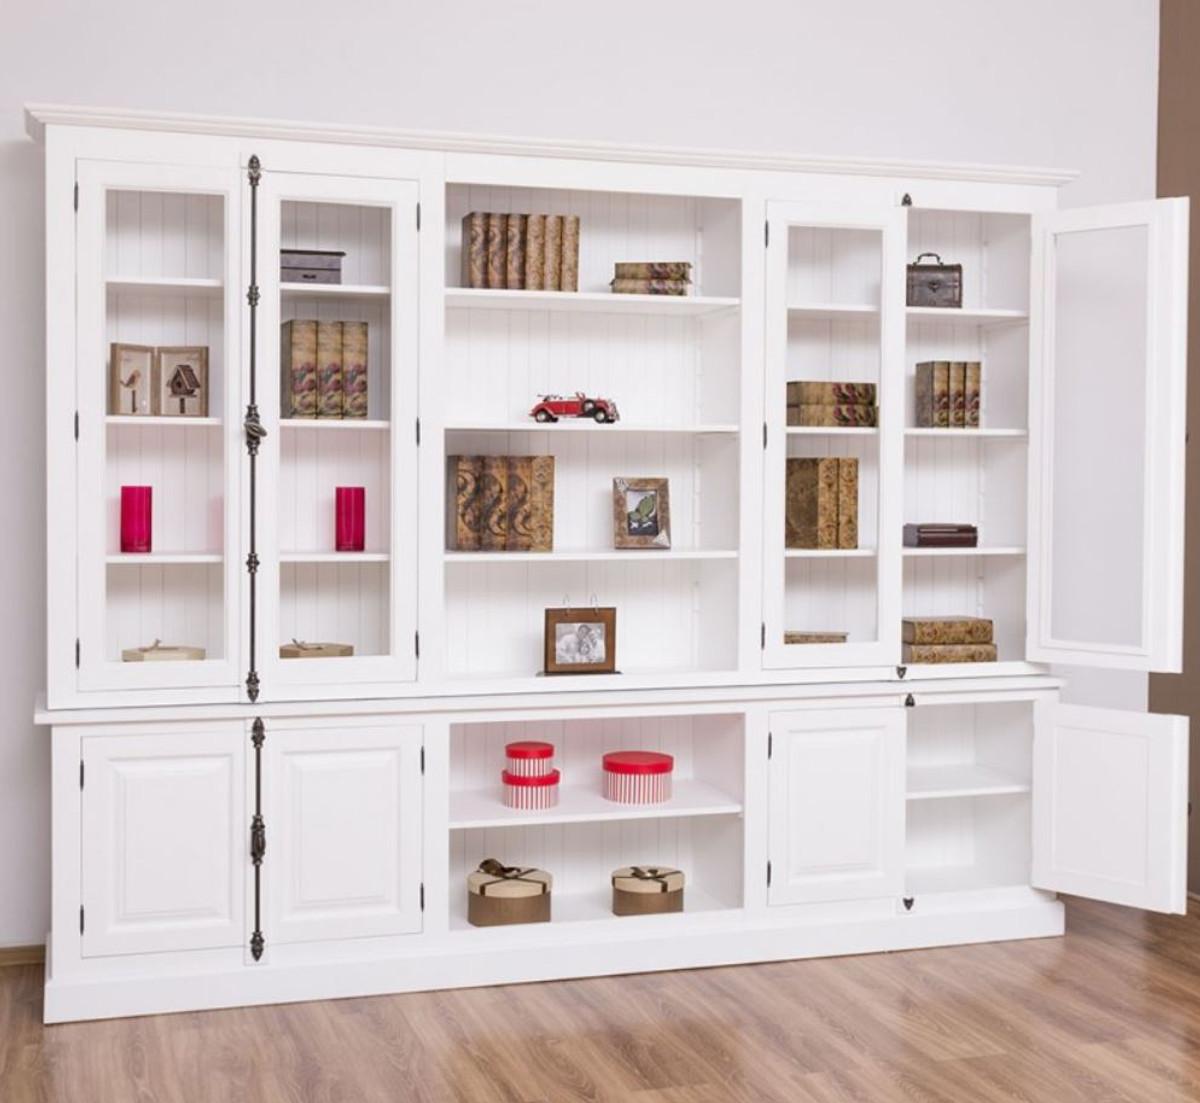 Casa Padrino Landhausstil Bücherschrank Weiß 4 x 4 x H. 4 cm -  Massivholz Schrank - Wohnzimmerschrank - Büroschrank - Landhausstil Möbel